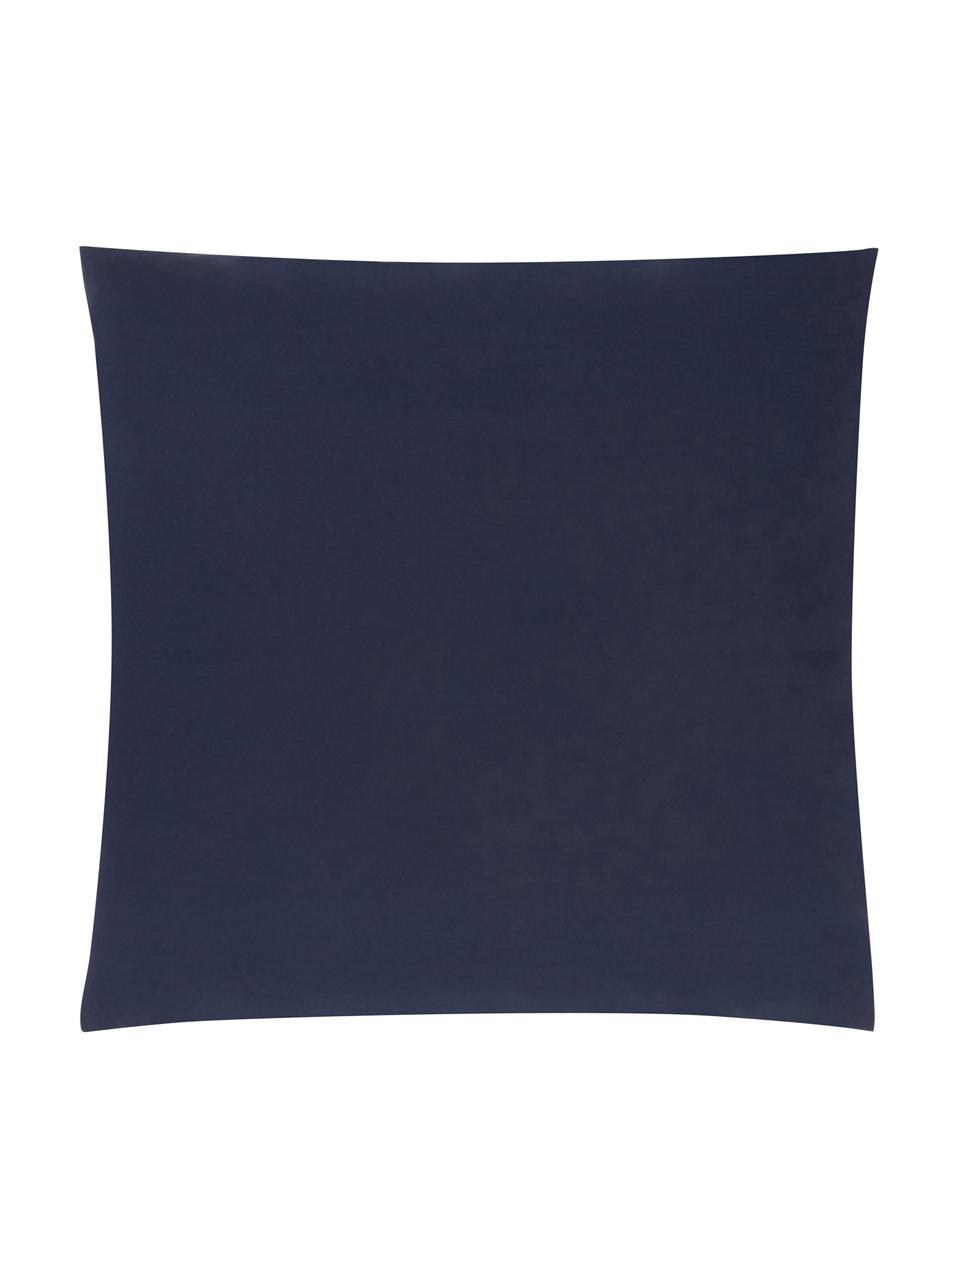 Taie d'oreiller 65x65 percale Elsie, 2pièces, Bleu foncé